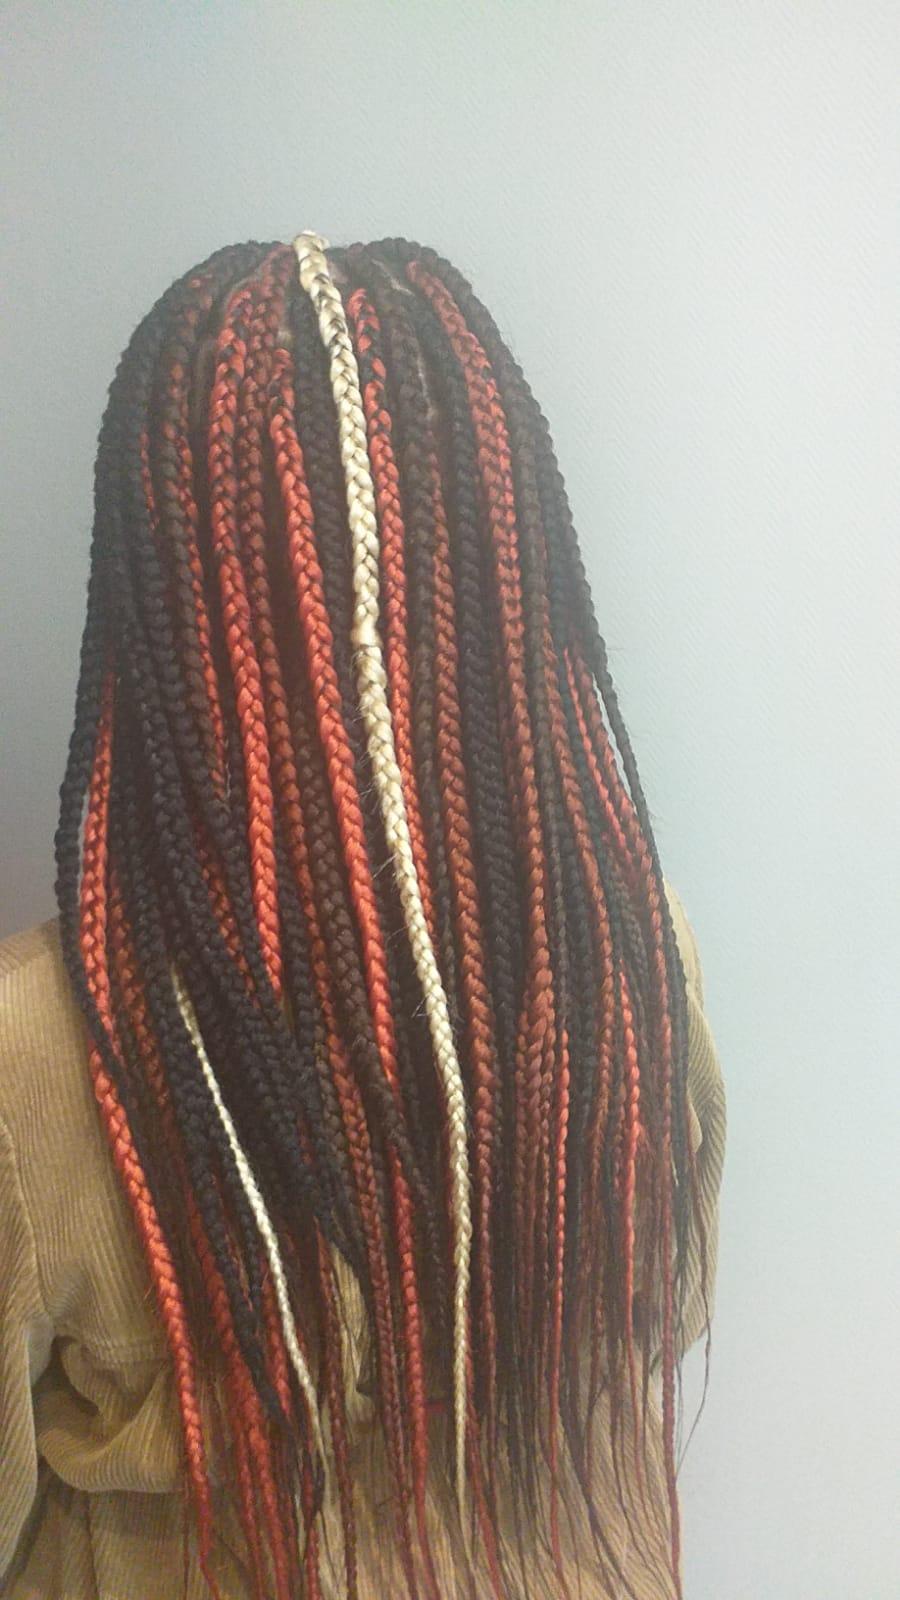 salon de coiffure afro tresse tresses box braids crochet braids vanilles tissages paris 75 77 78 91 92 93 94 95 XKCMXKGJ